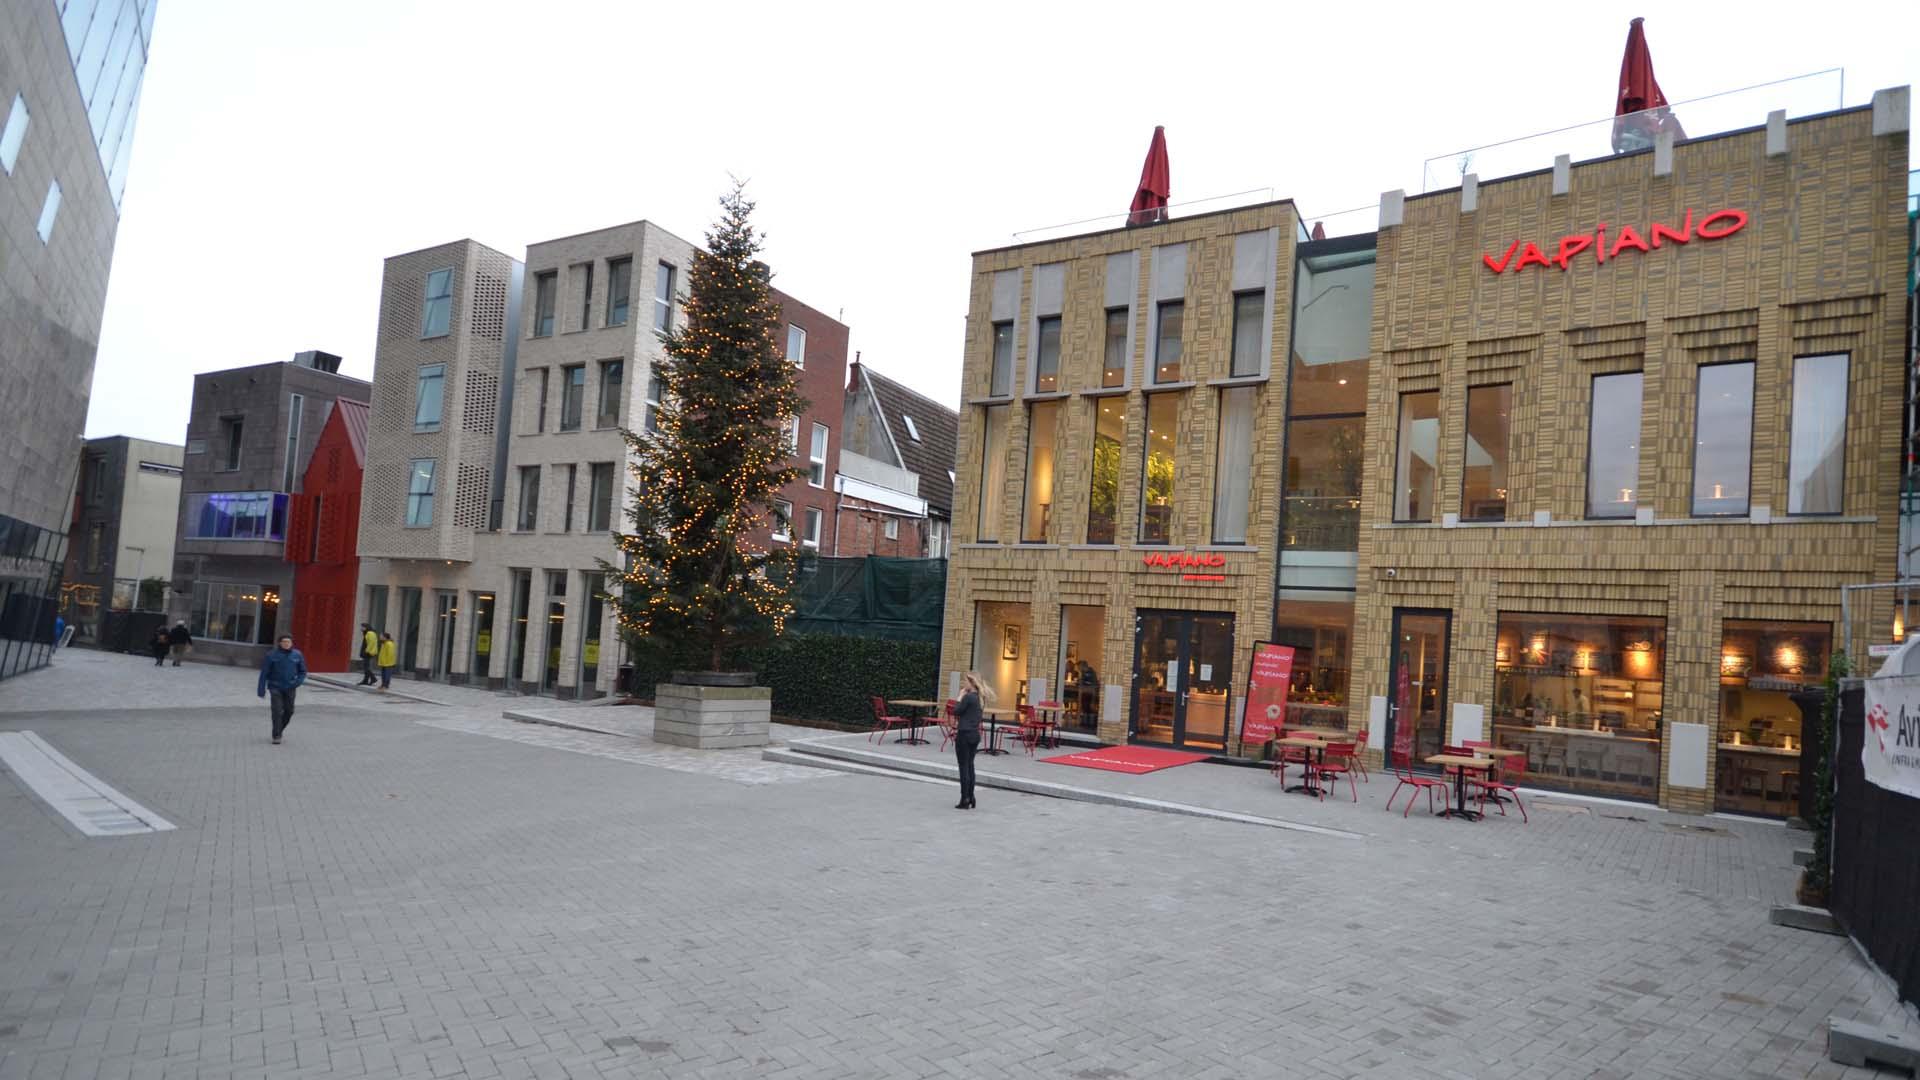 1319_Nieuwe Markt Zuid Zijde Groningen_02